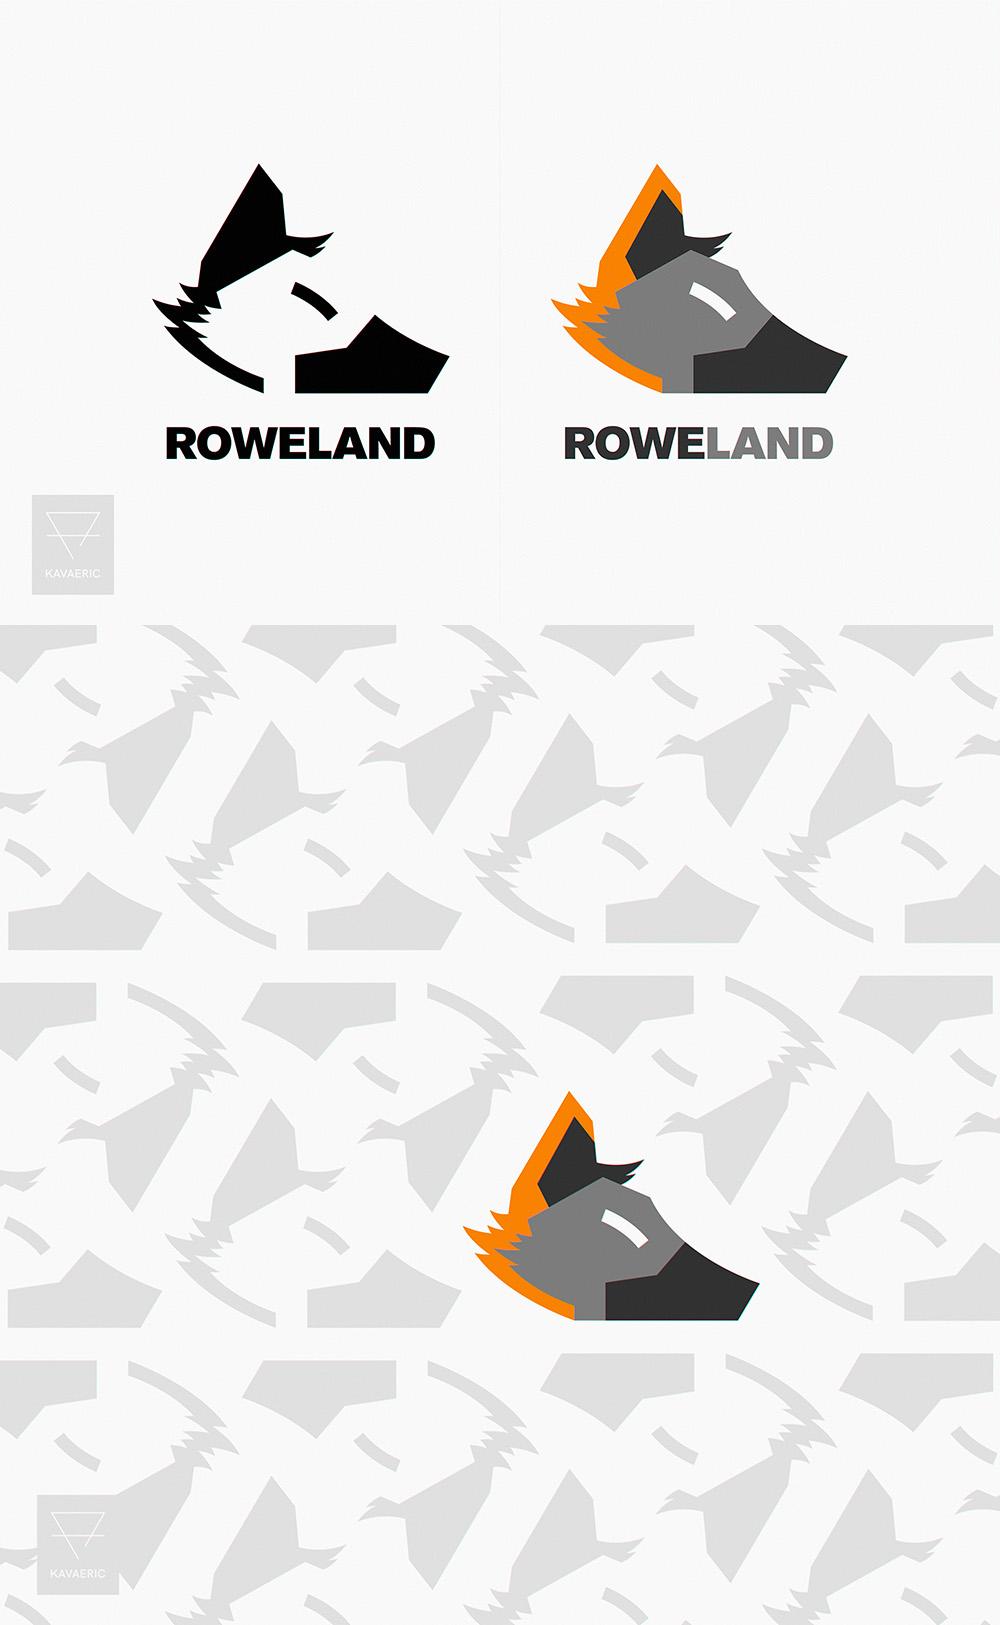 [COM] Roweland